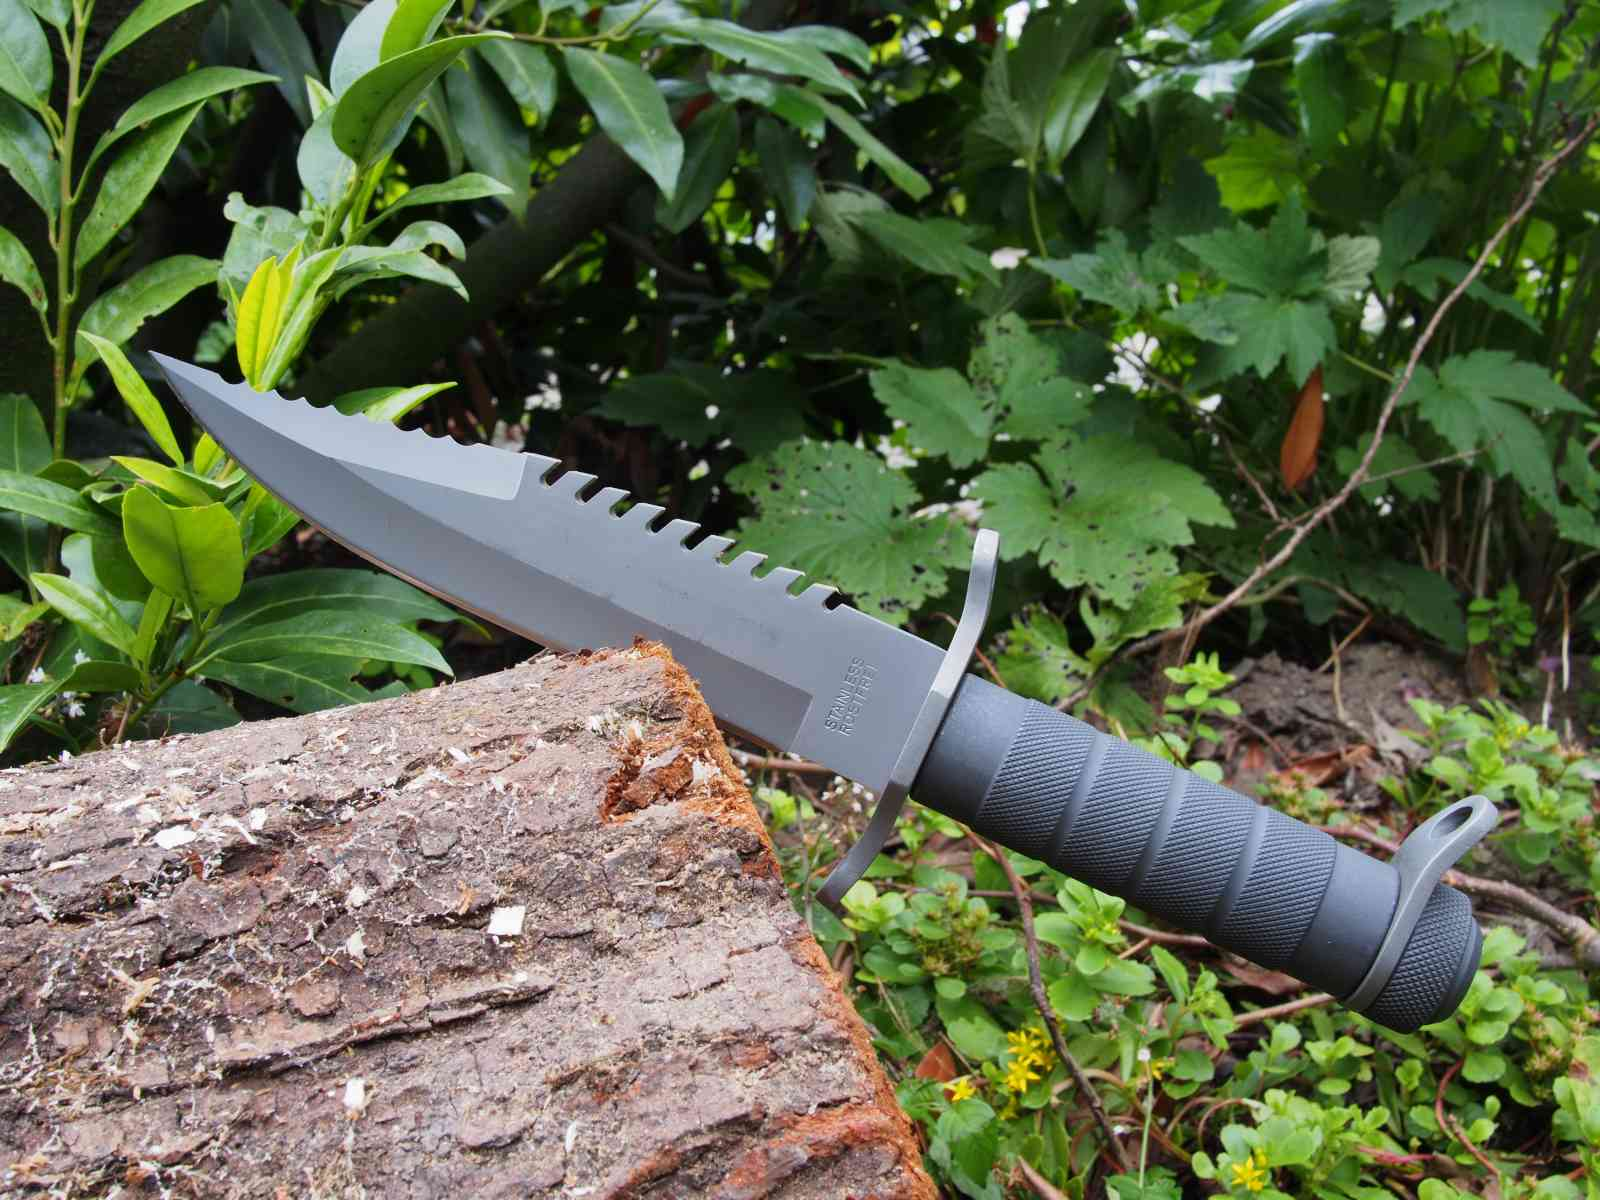 Herbertz Survival-Messer bei der Arbeit